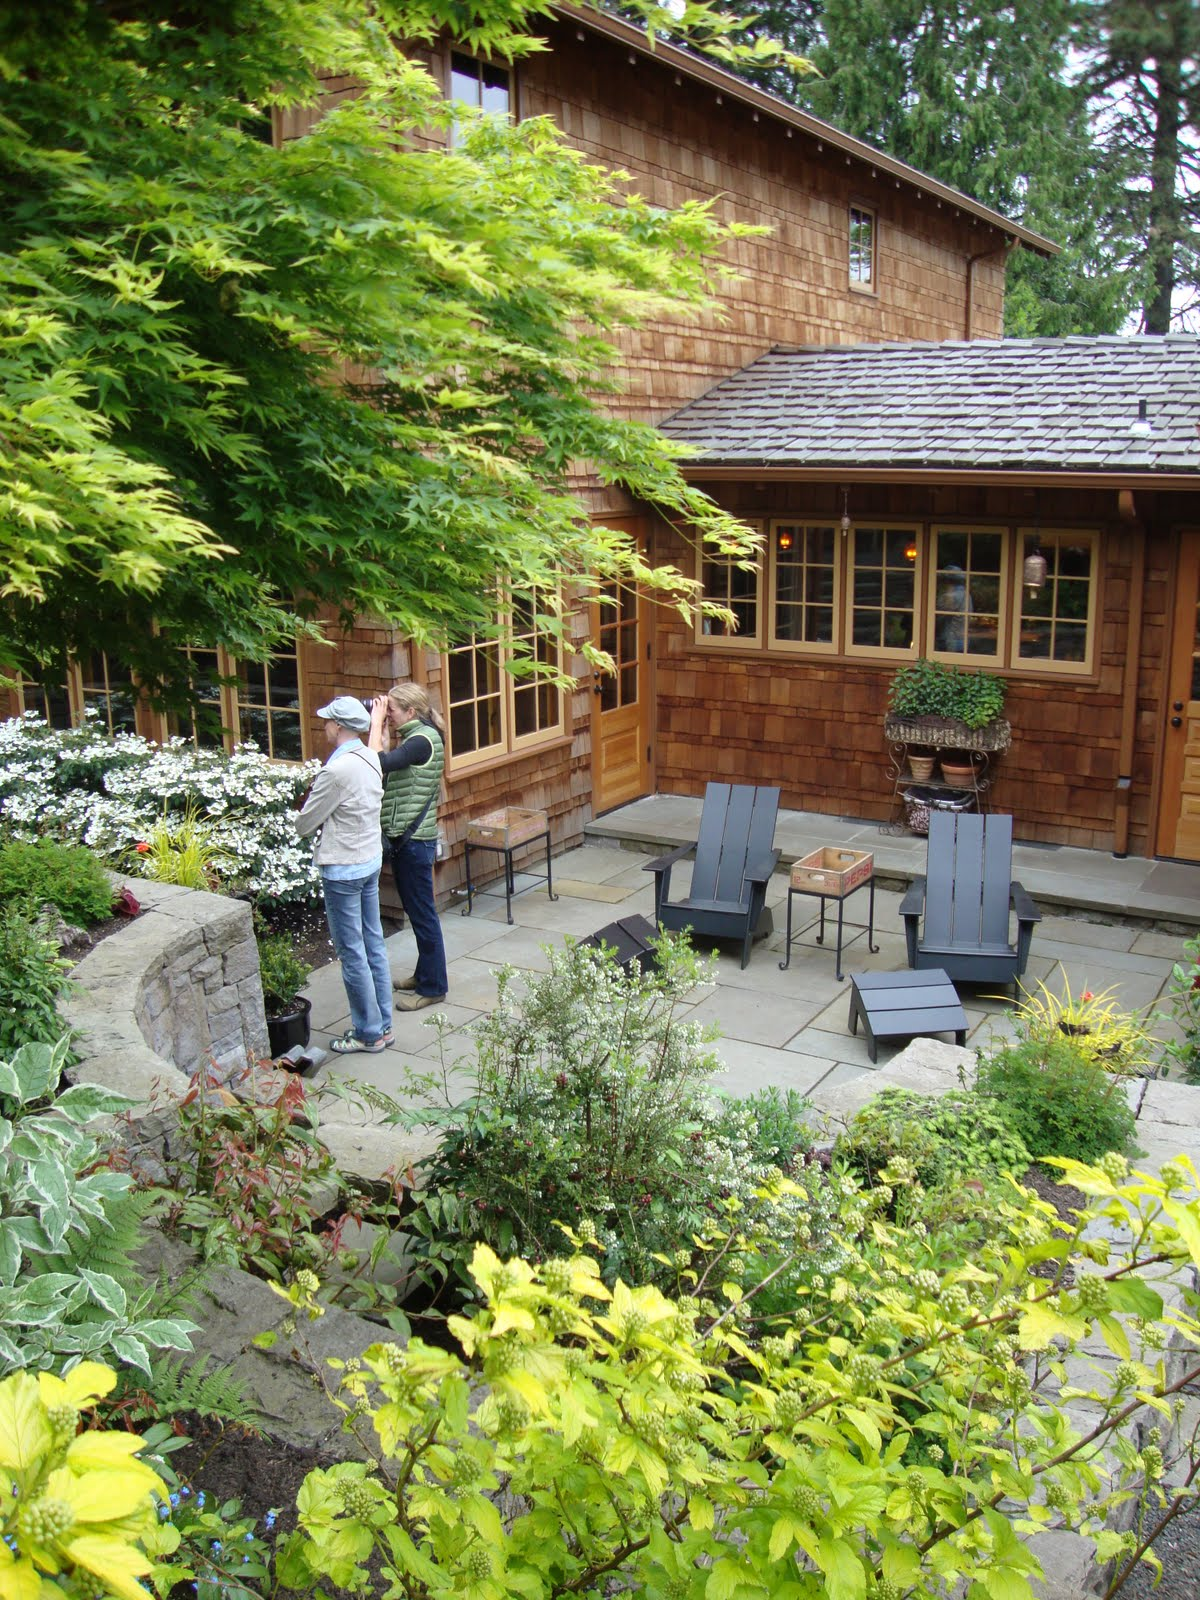 Paradis express association of northwest landscape for Association of landscape architects